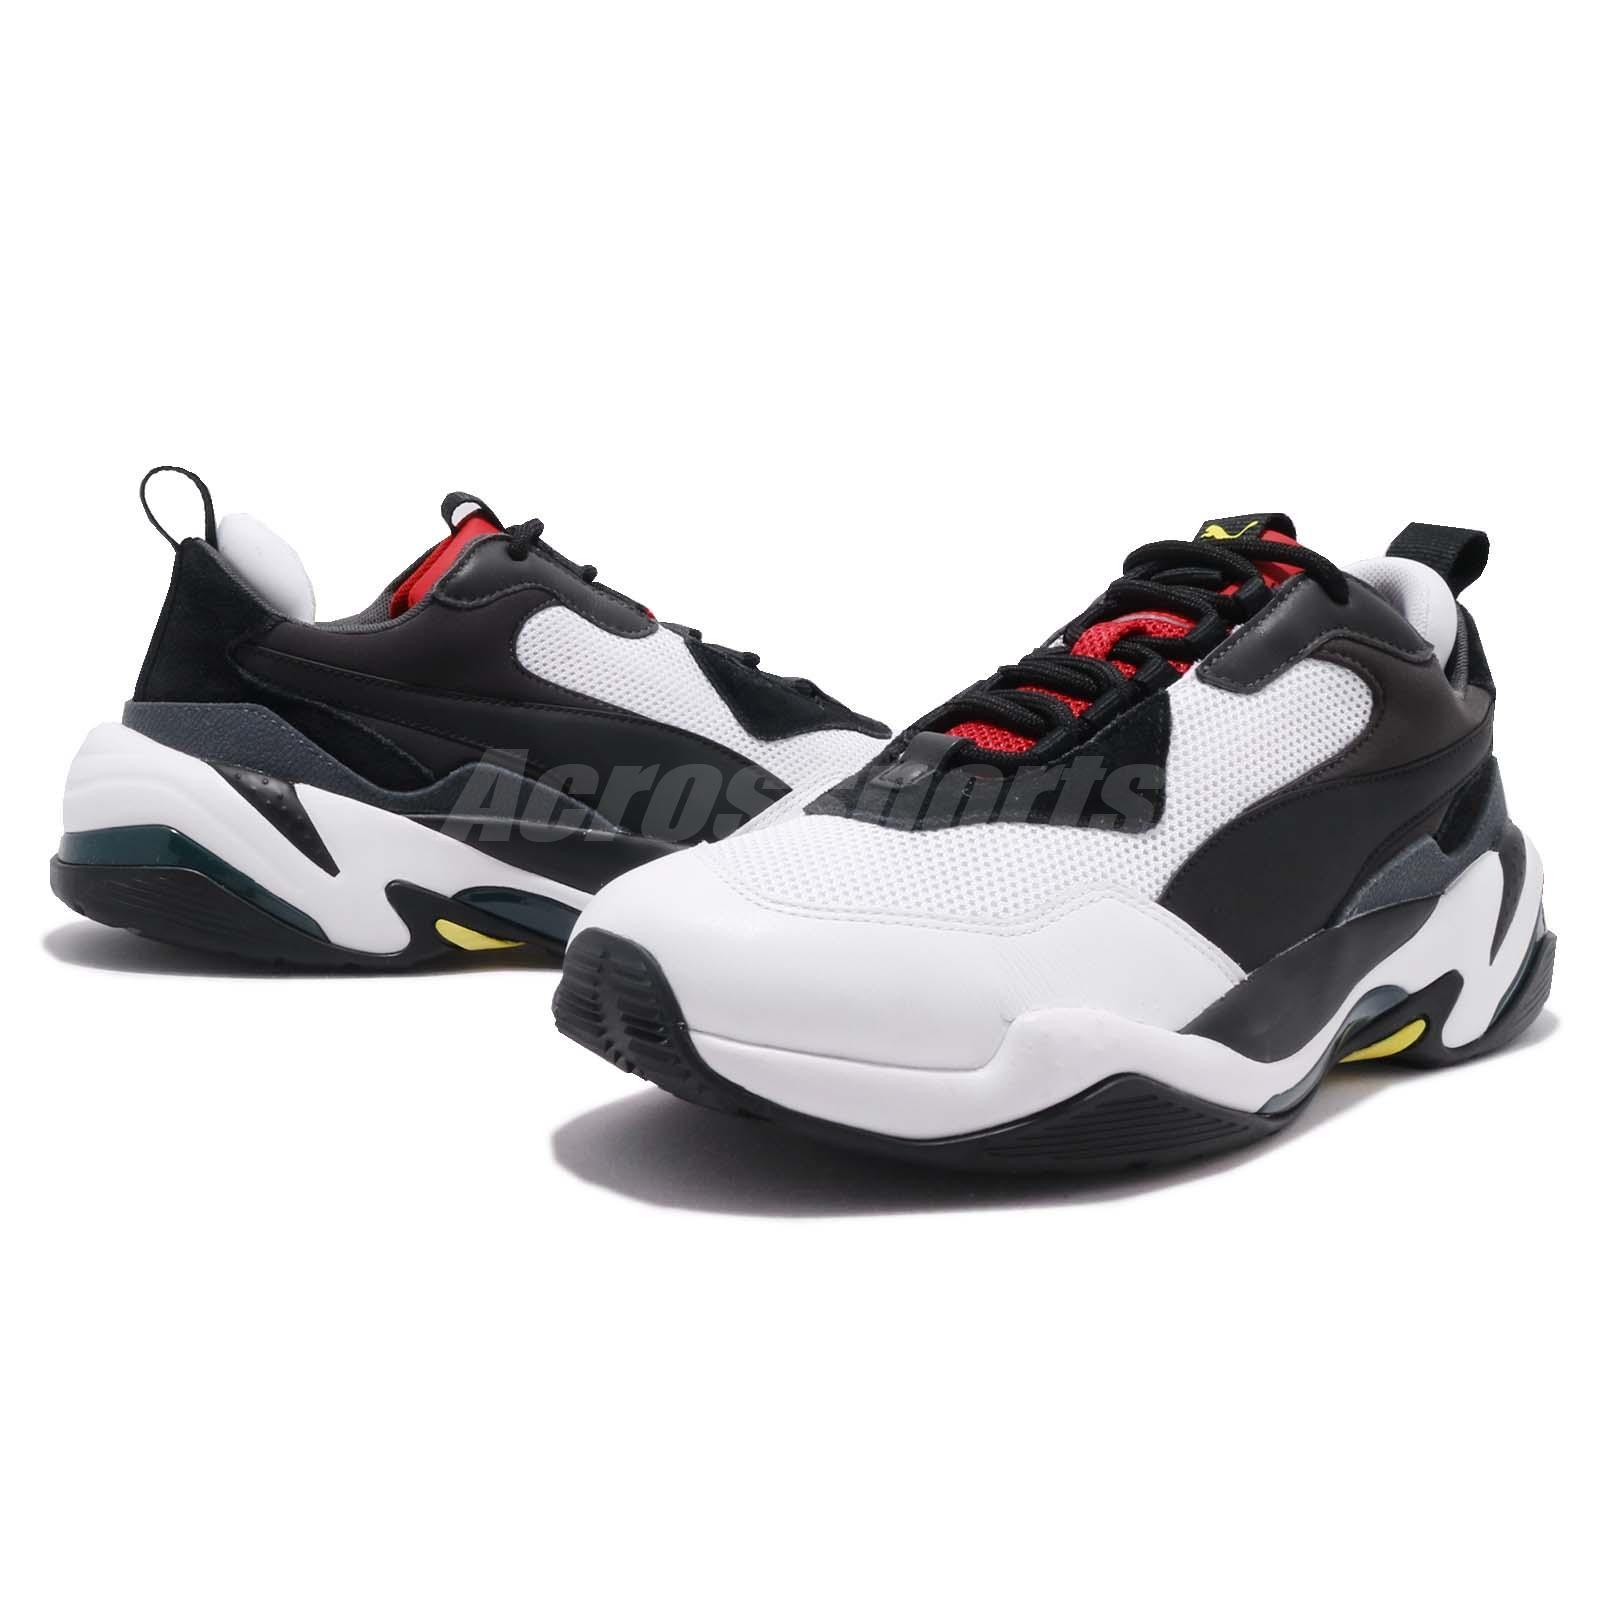 Détails sur Puma Thunder Spectra Black Red White Men Women Lifestyle Daddy Shoes 367516 07